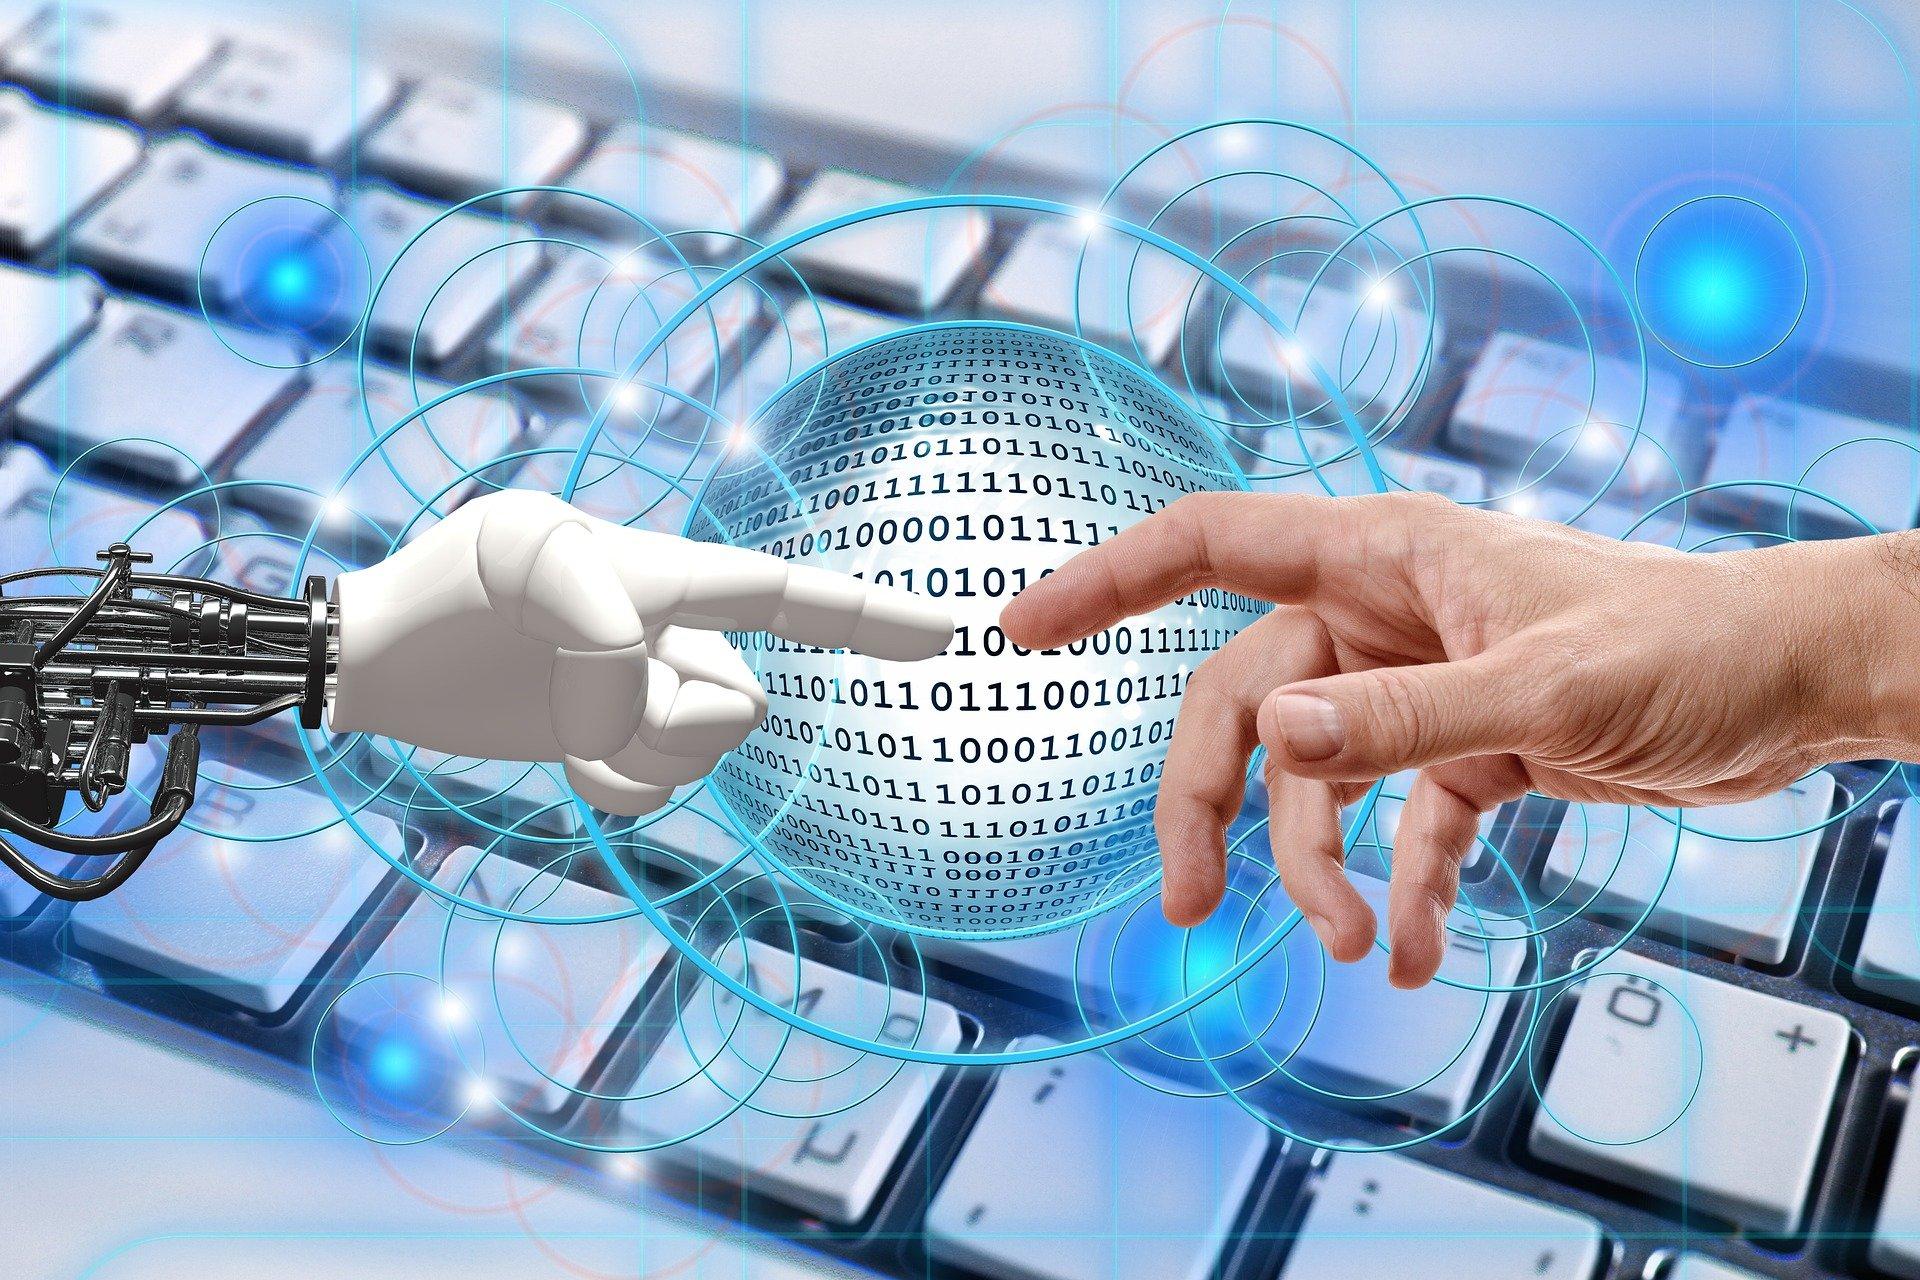 Qué son los Robo Advisors y cómo pueden ayudar en tu inversión?